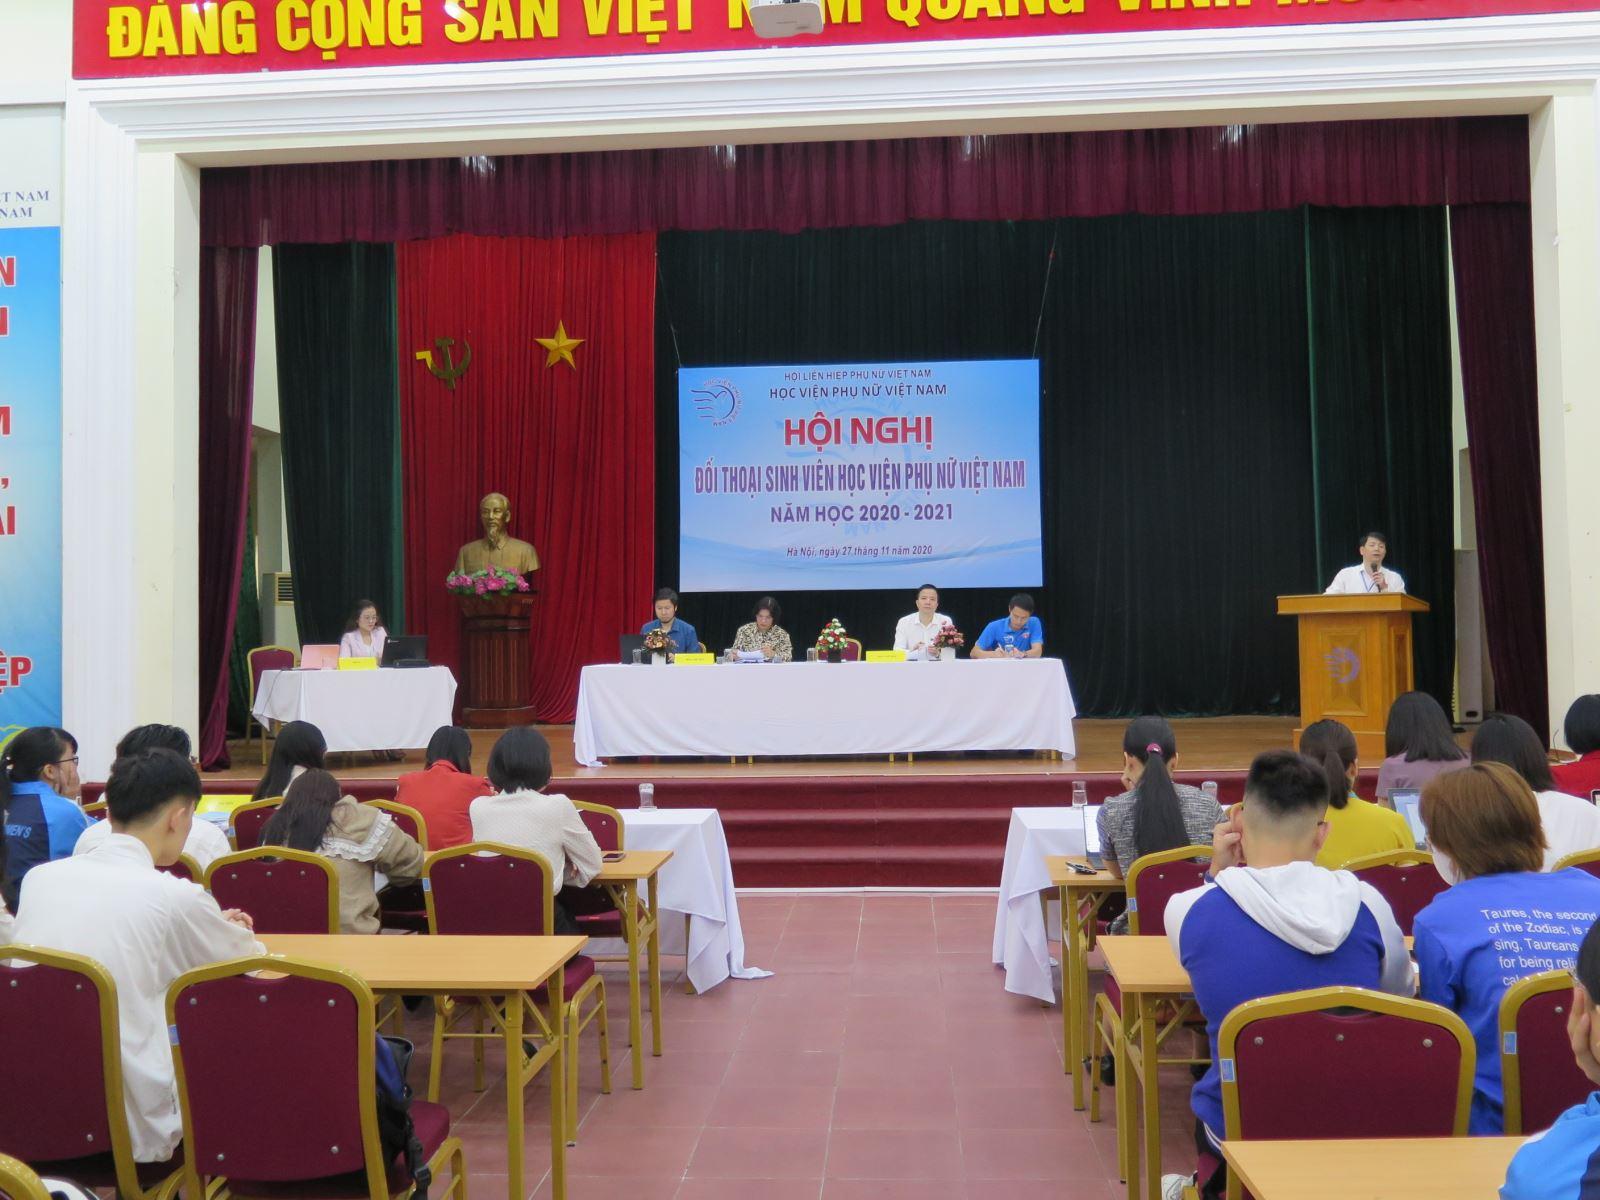 Hội nghị đối thoại với sinh viên năm học 2020 - 2021